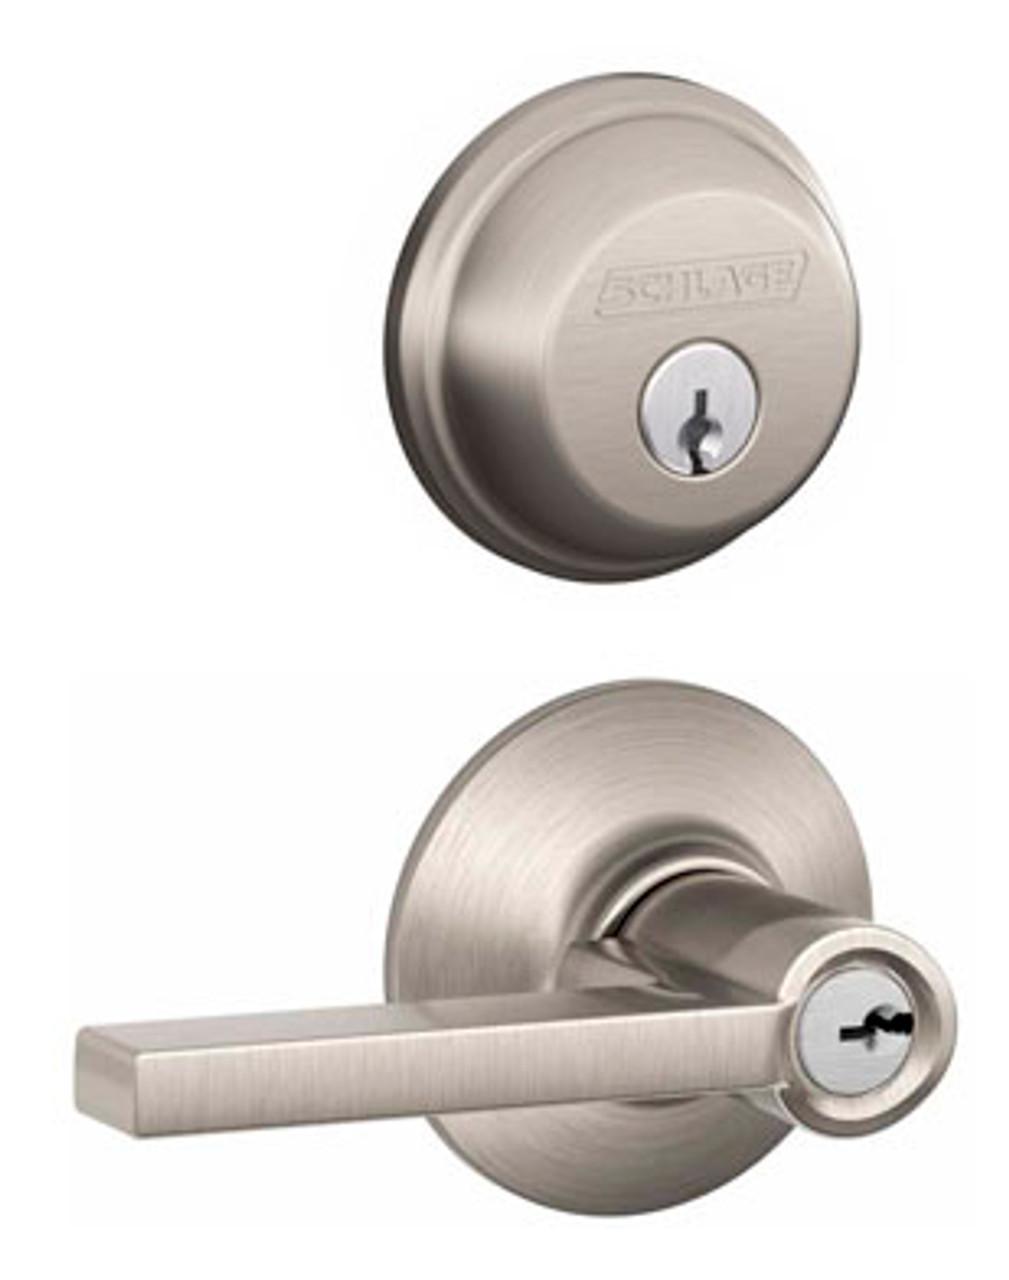 Satin Nickel Keyed Entry Lever Door Knob Lock W// Deadbolt 3 PACK!